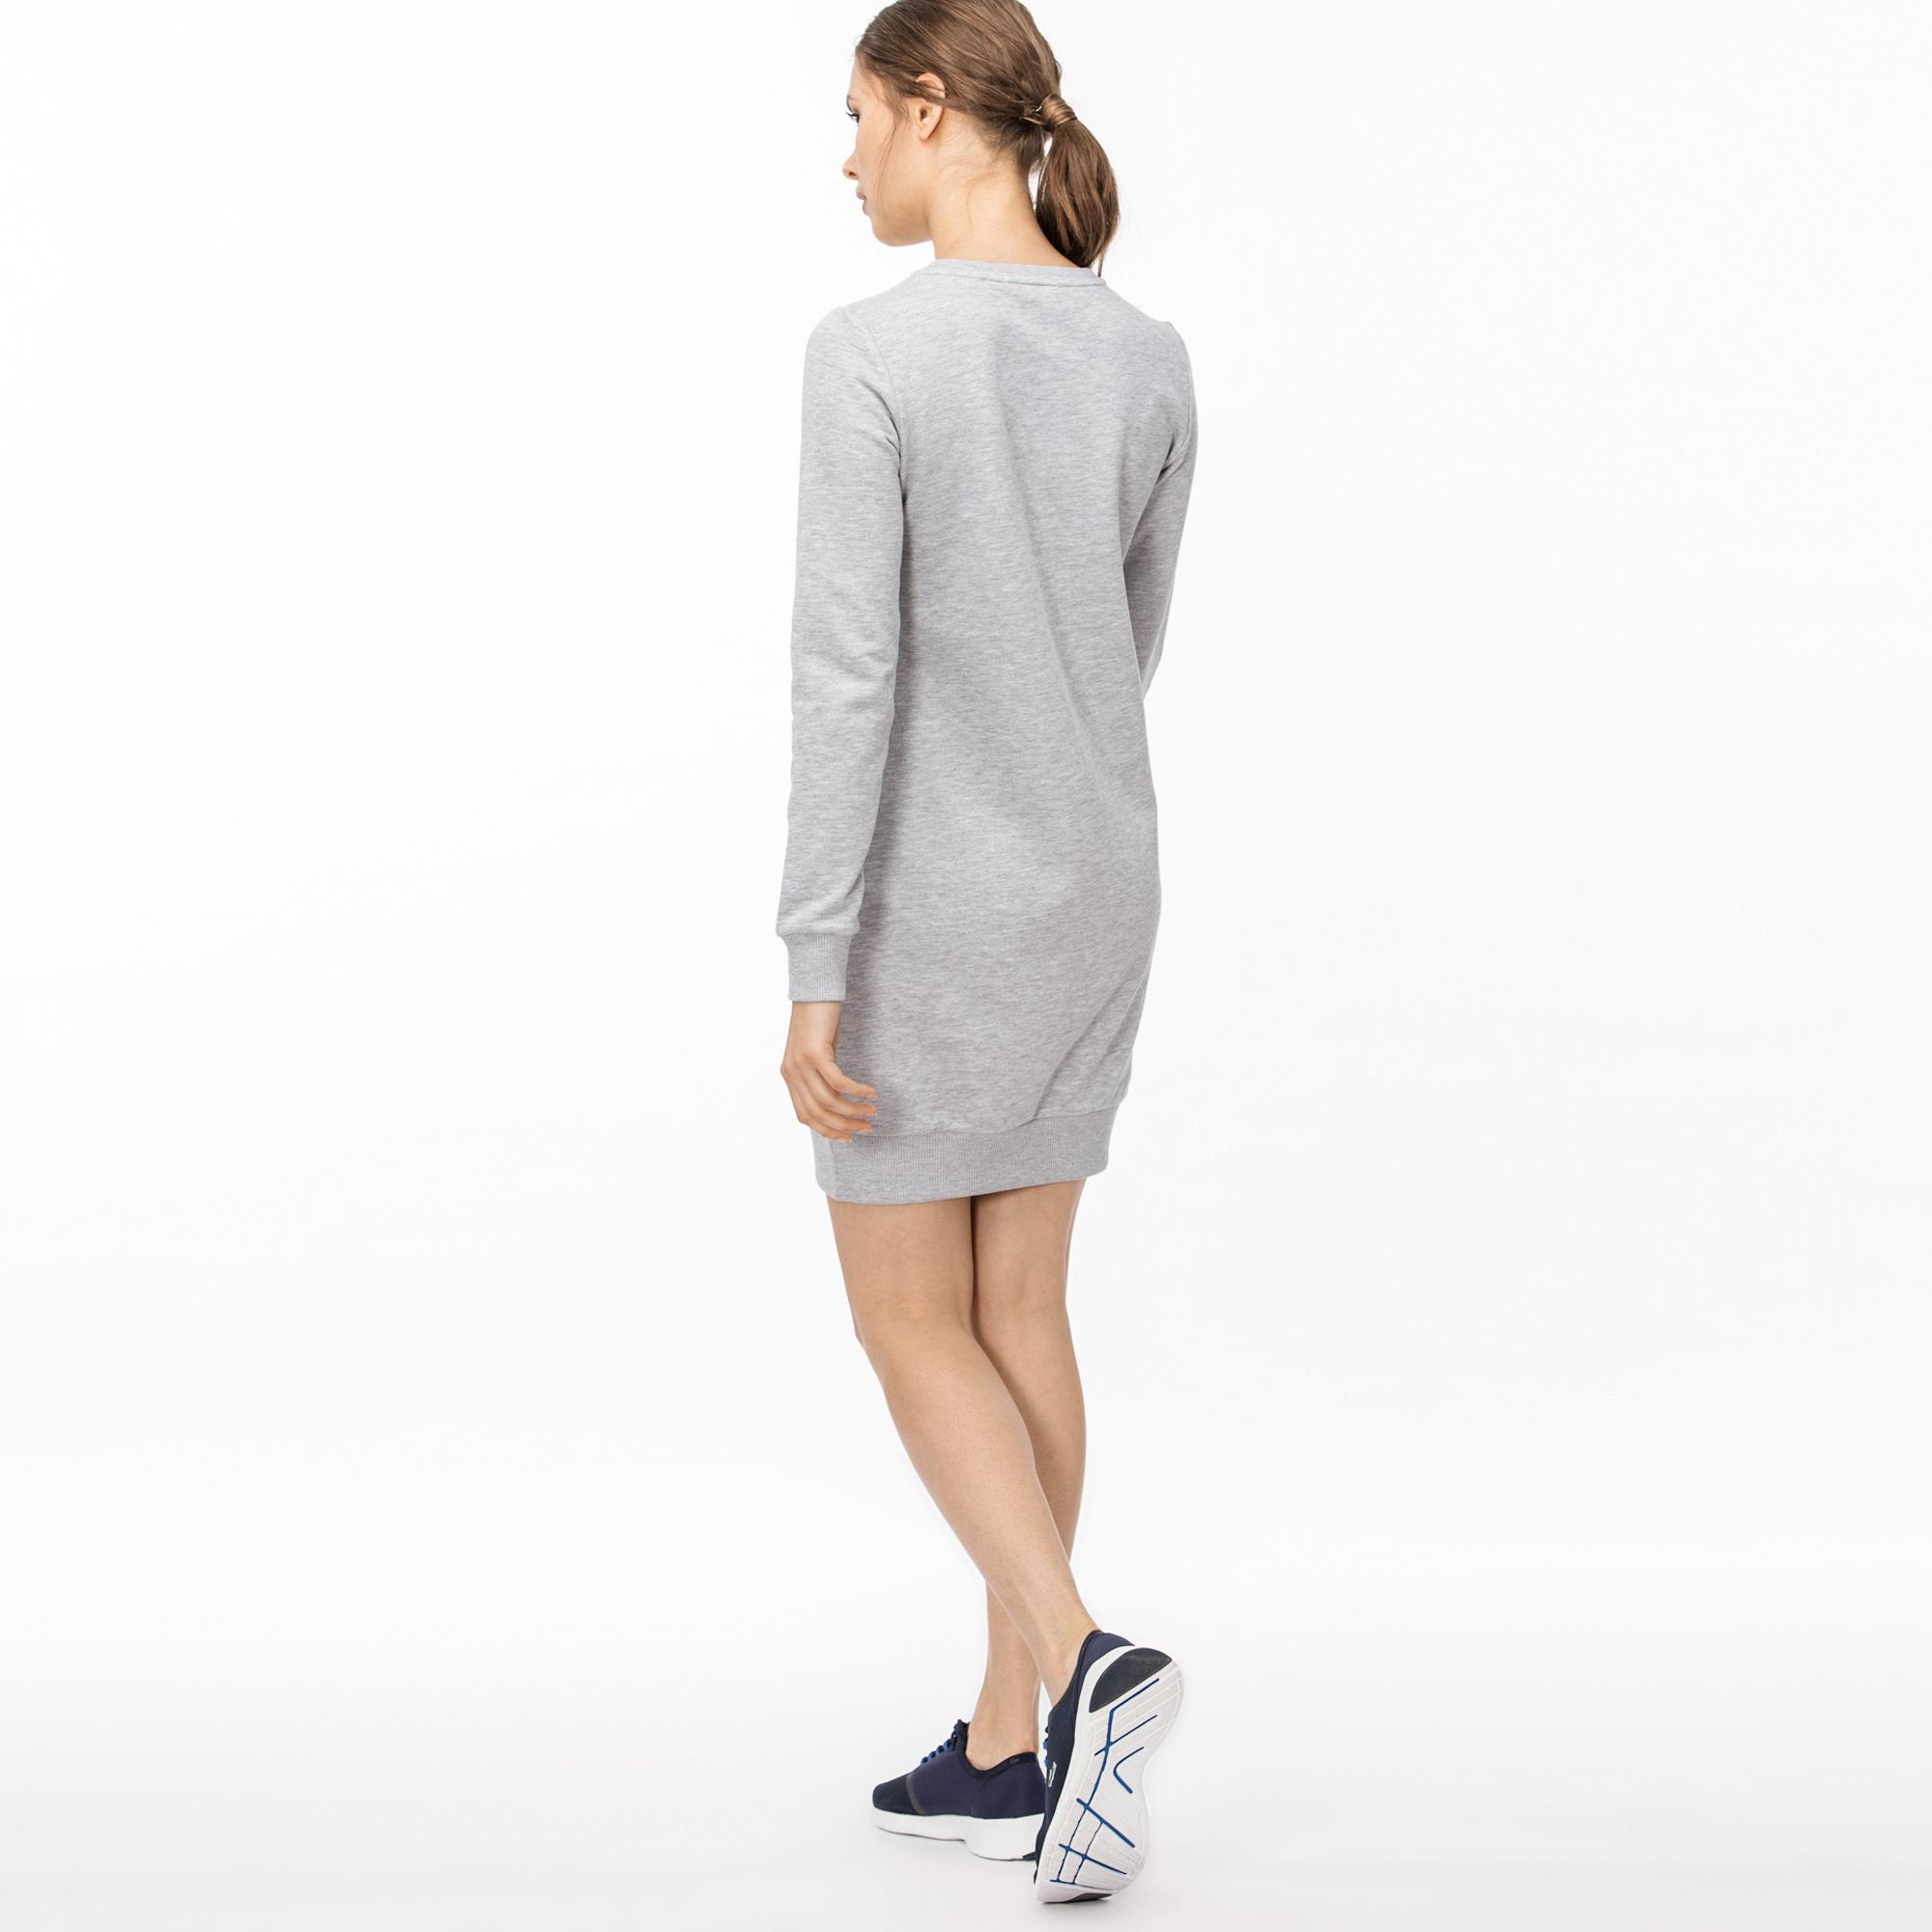 Lacoste Kadın Lacoste Baskılı Gri Elbise